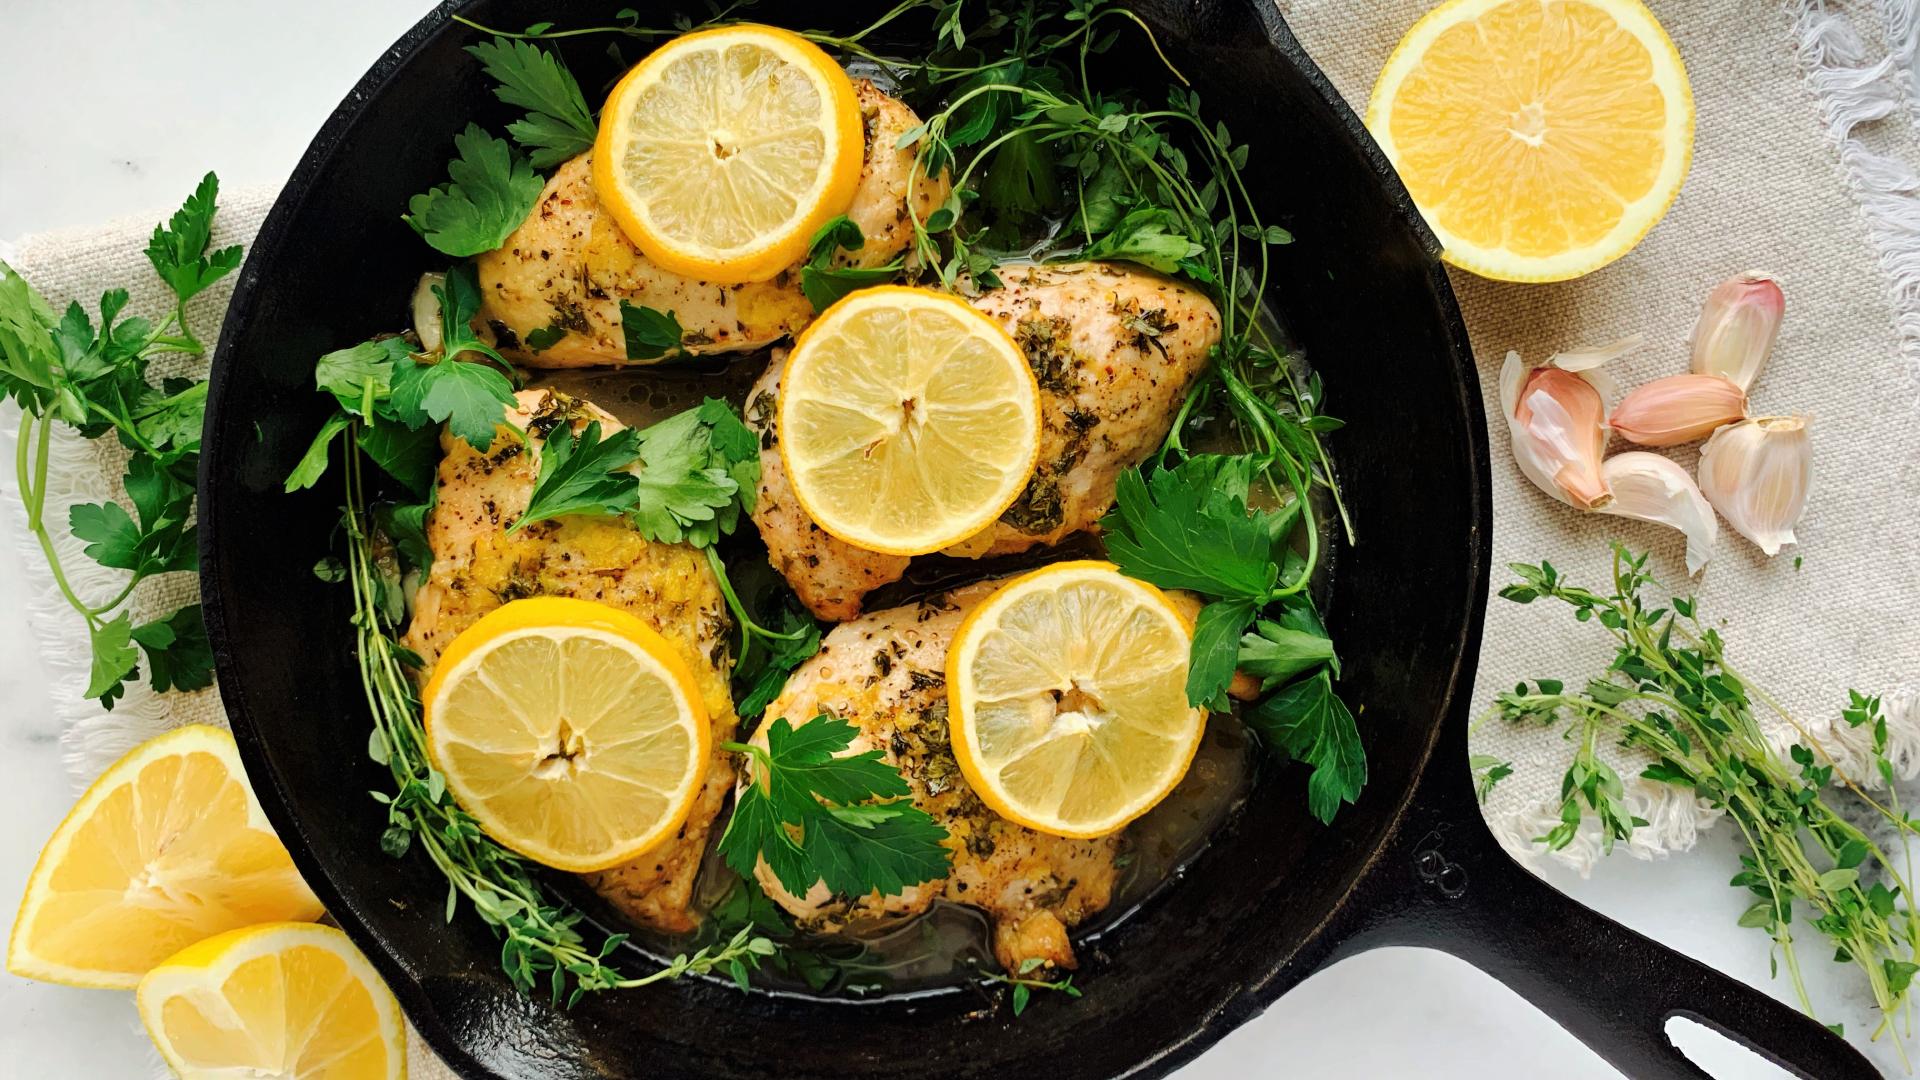 Des poitrines de poulet décorées de tranches de citron dans une poêle